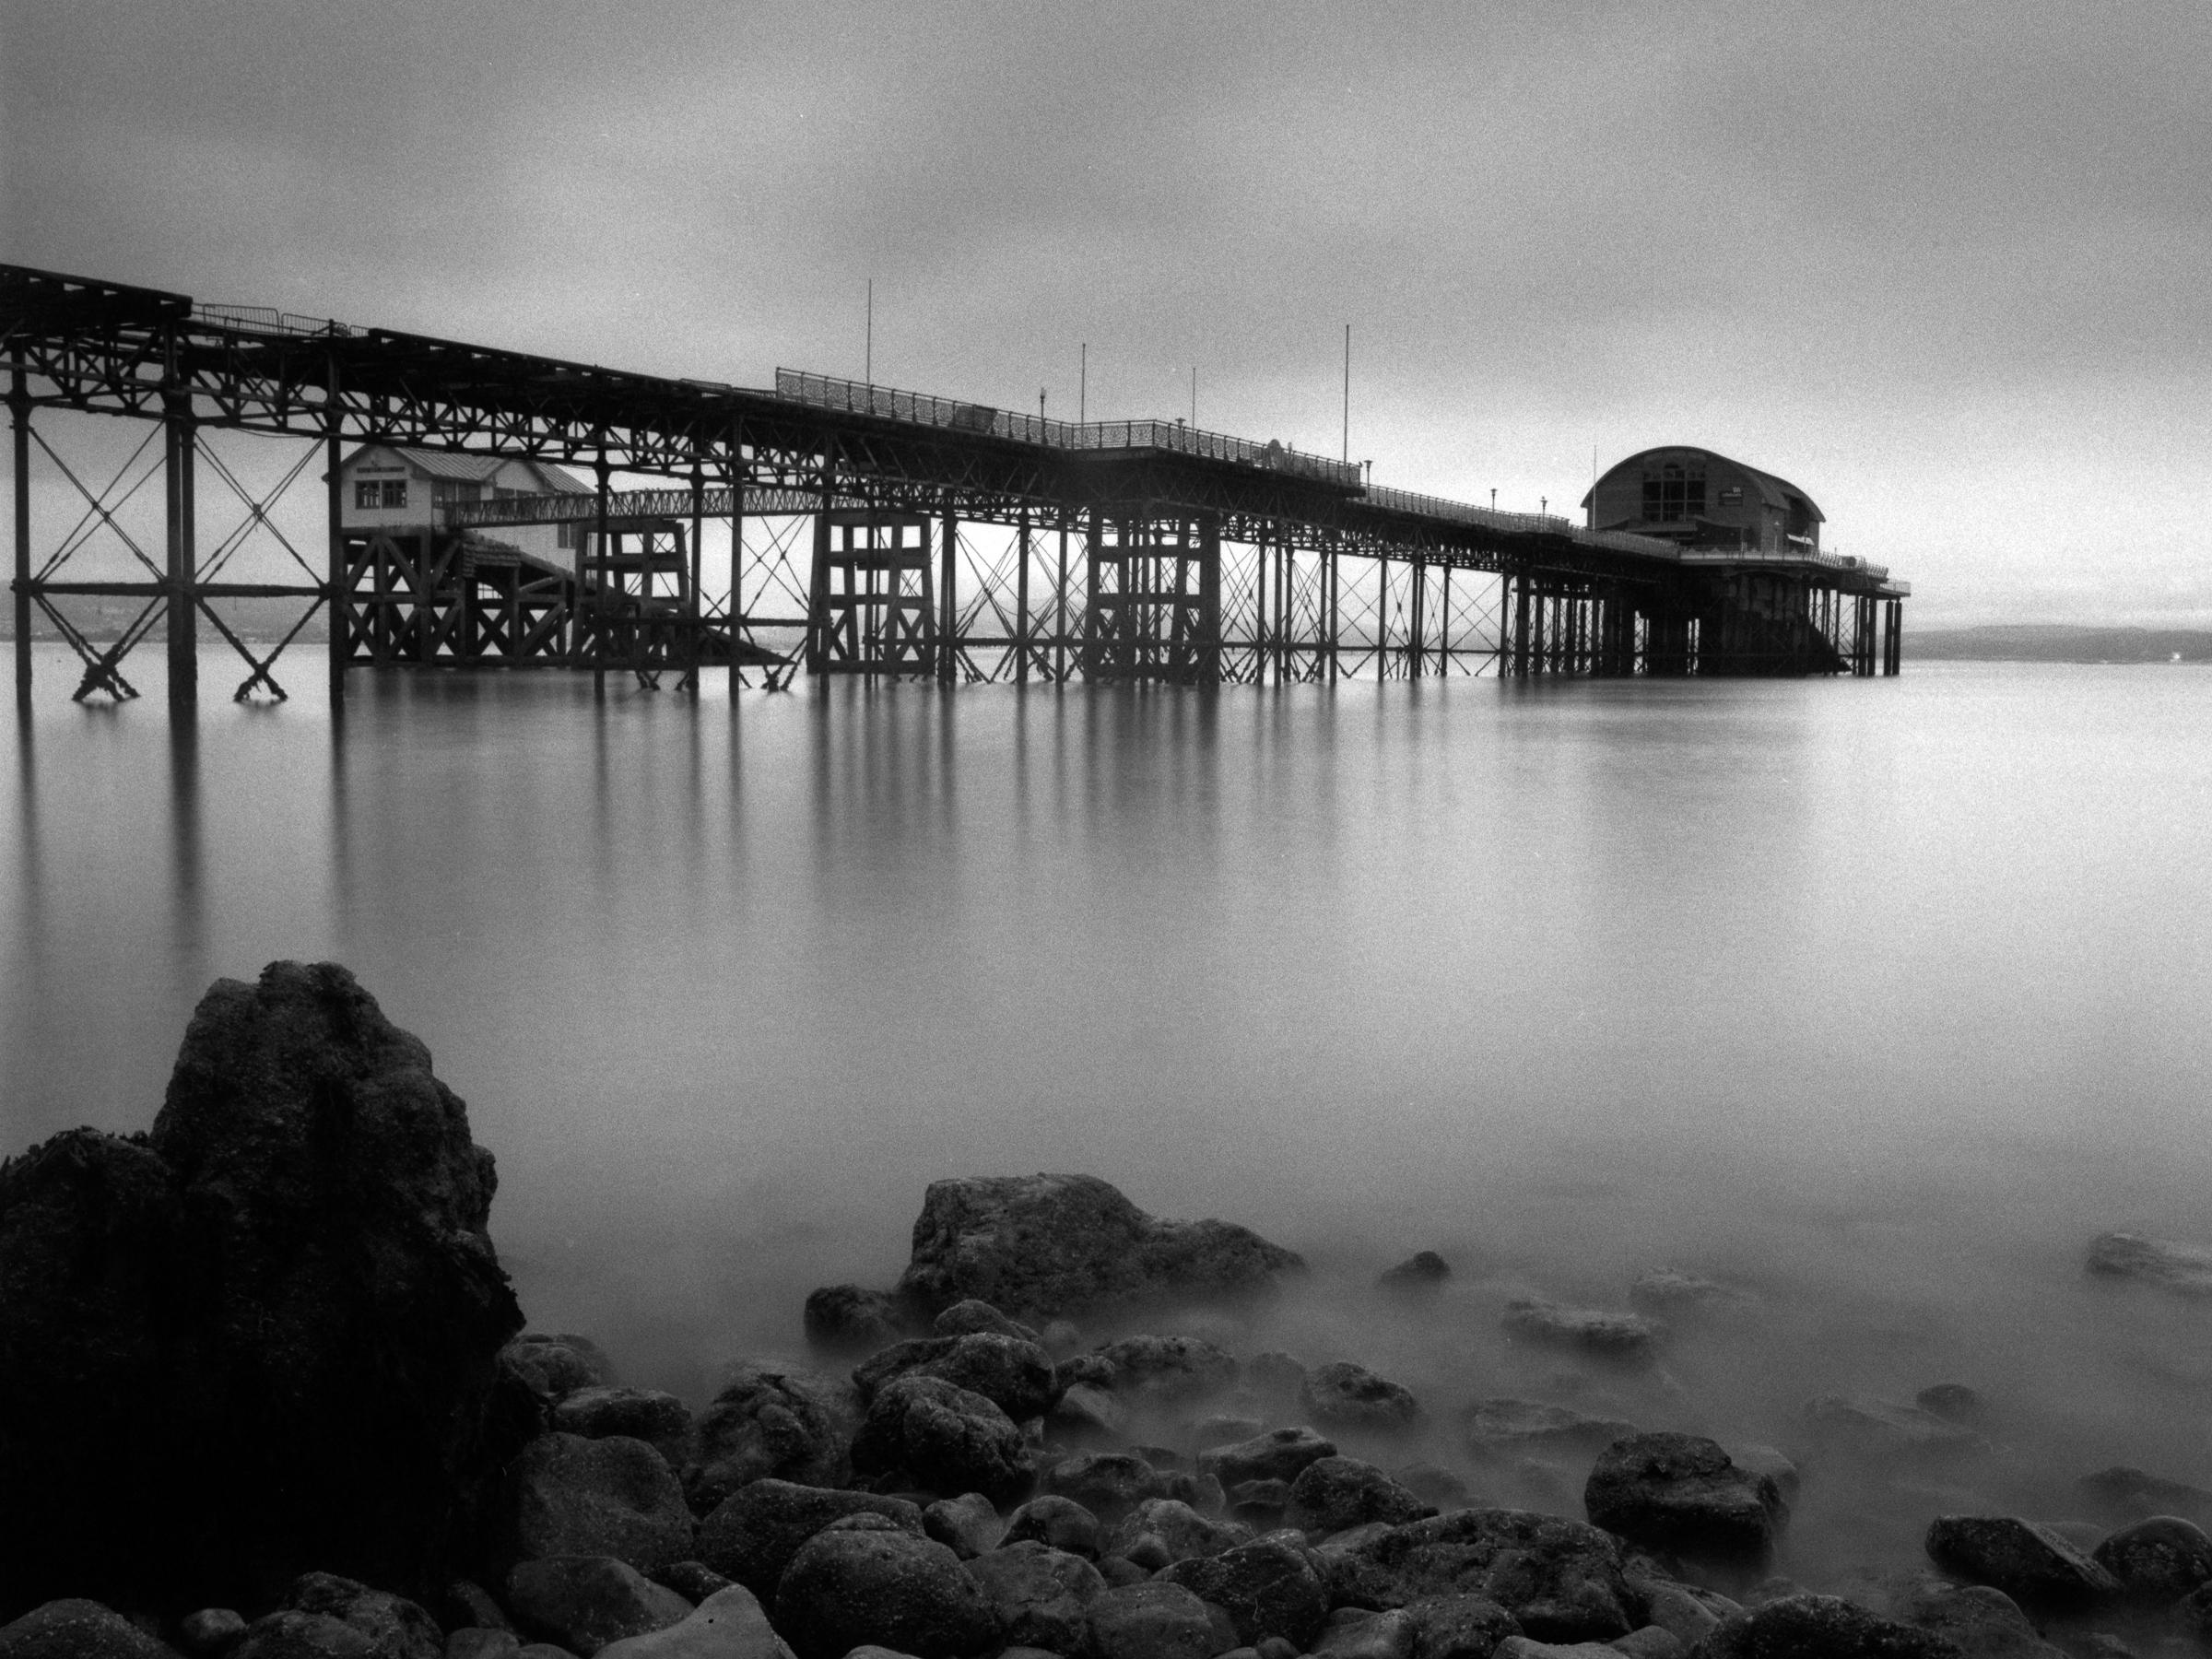 Mumbles Pier, South Wales, H1, HC 50mm, Delta 400